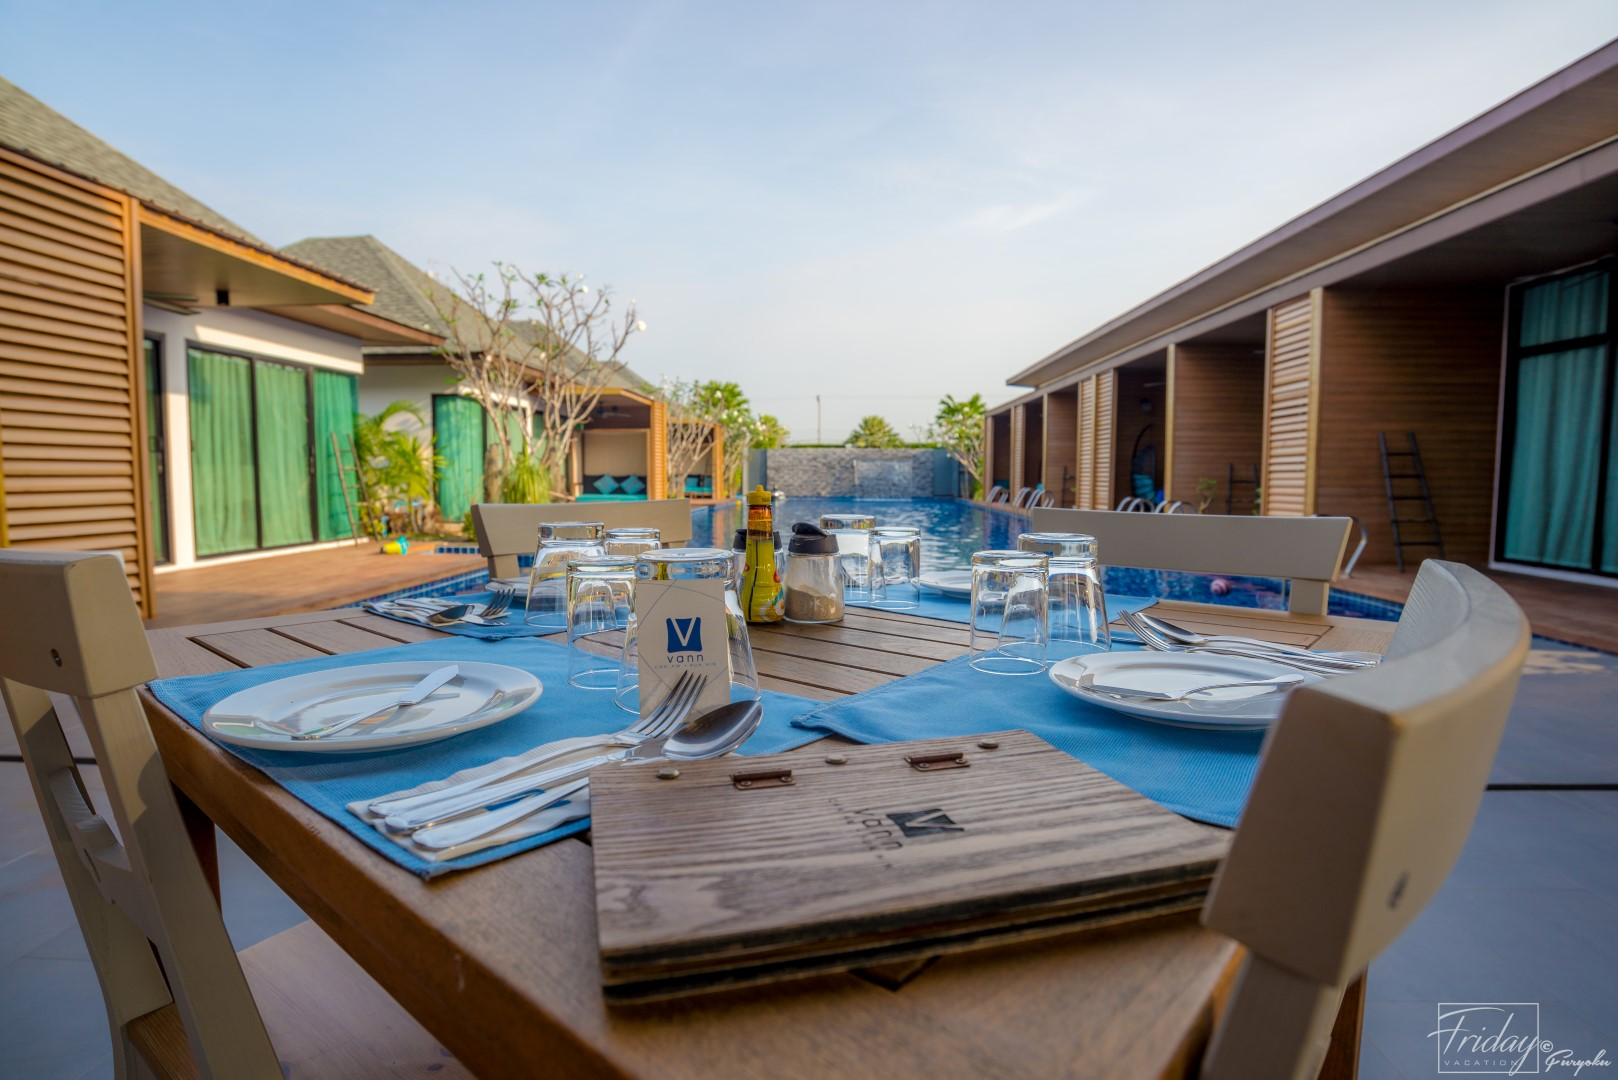 Vann Hua Hin Resort โดดน้ำจากริมระเบียง นครศรีดีย์